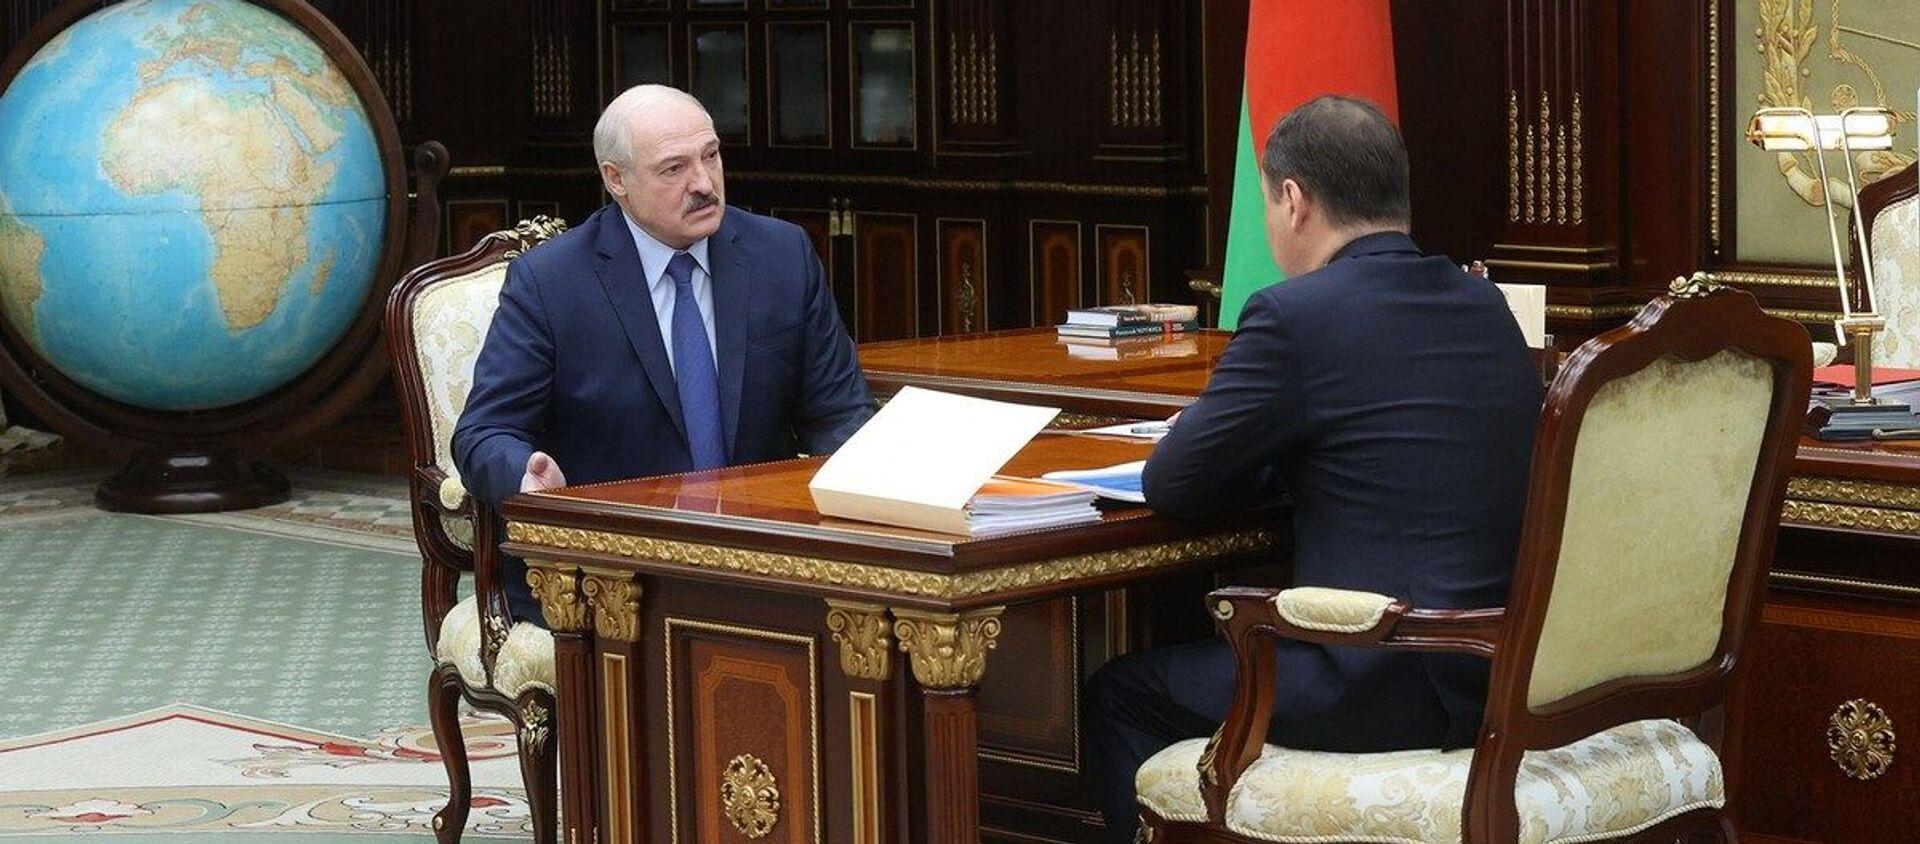 Александр Лукашенко принял с докладом, посвященным вопросам экономики, премьер-министра Романа Головченко - Sputnik Беларусь, 1920, 04.05.2021